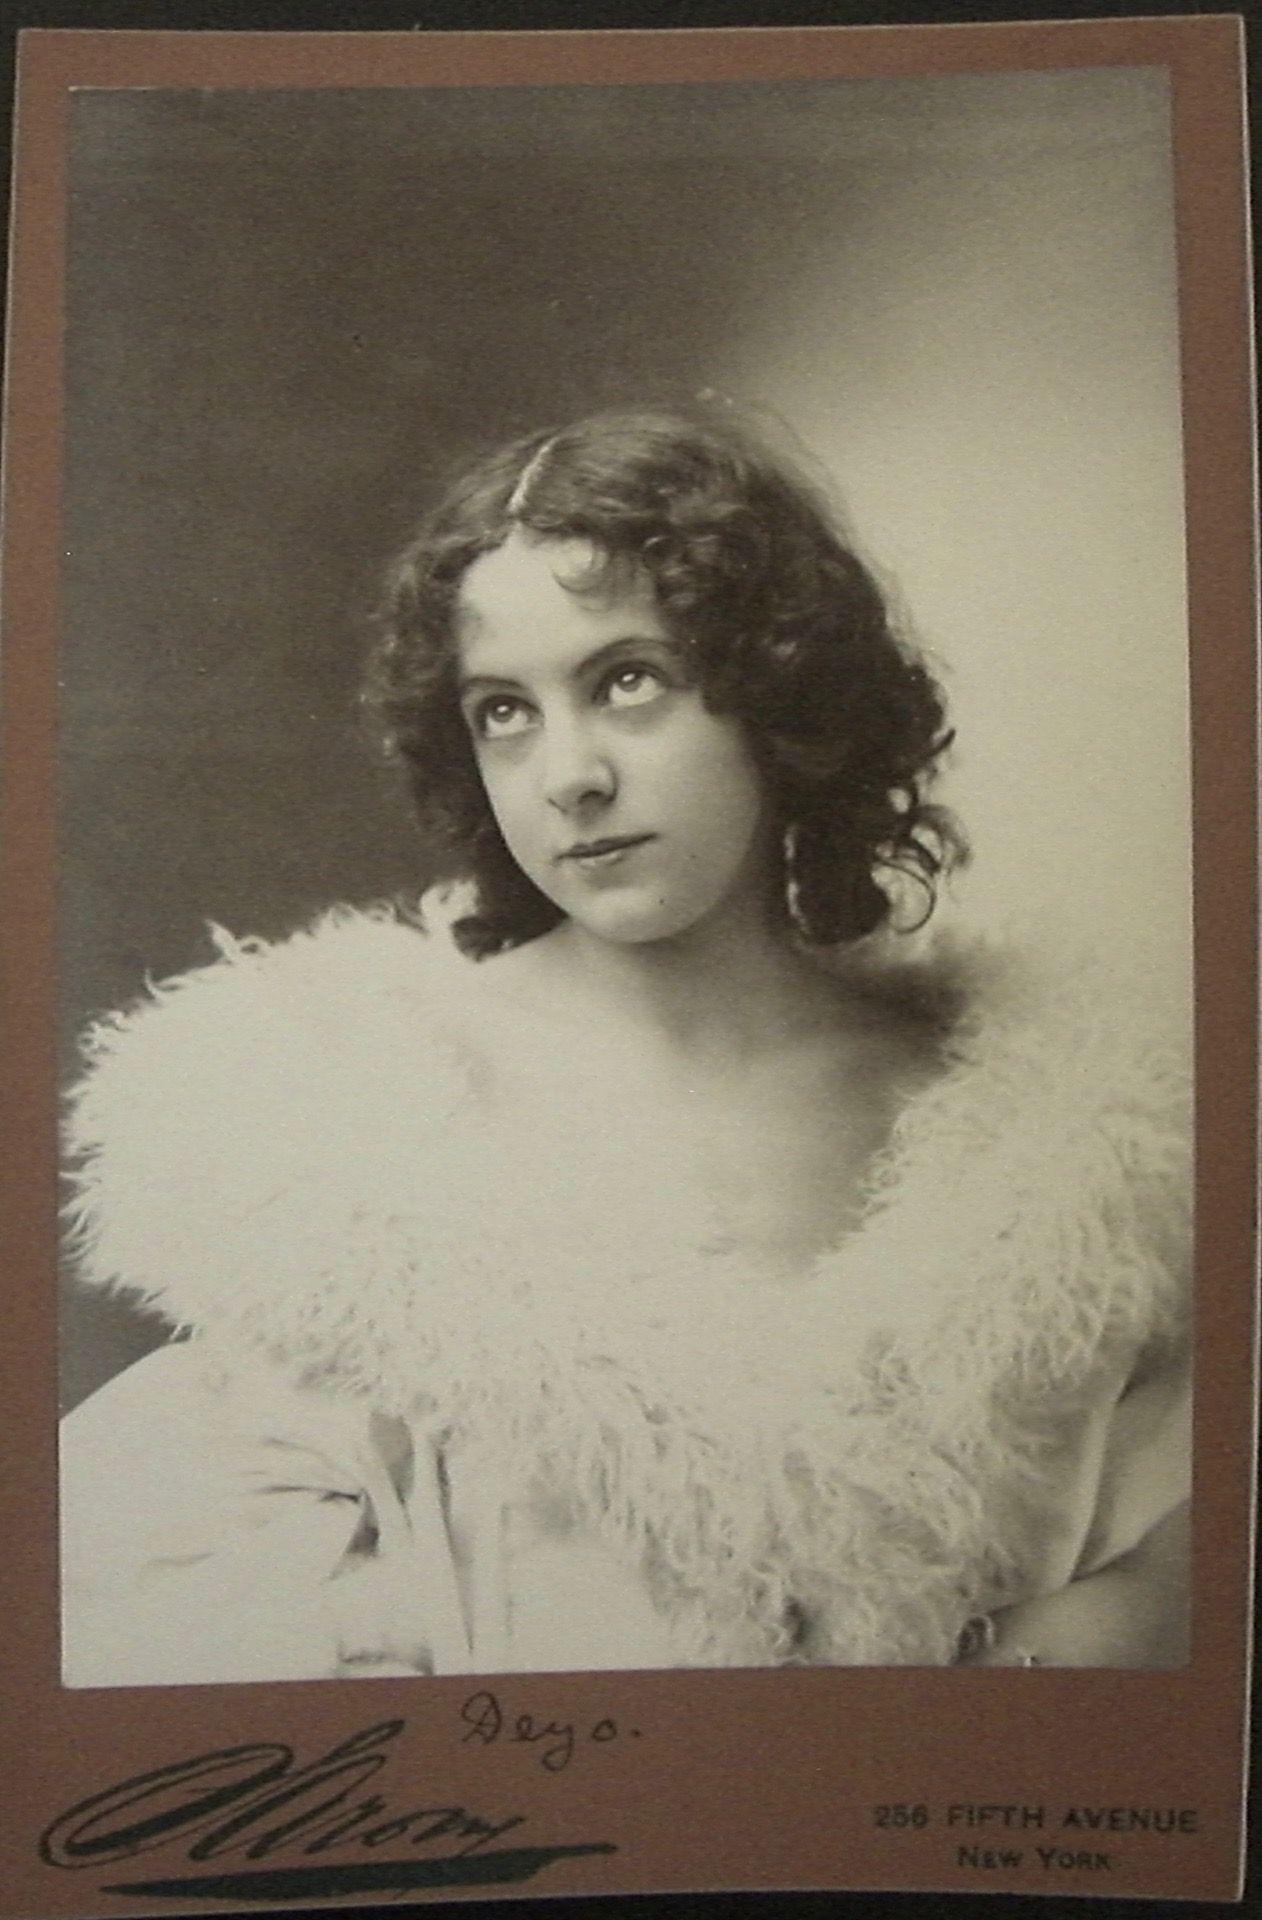 Barbara D'Alterio (born 1990)